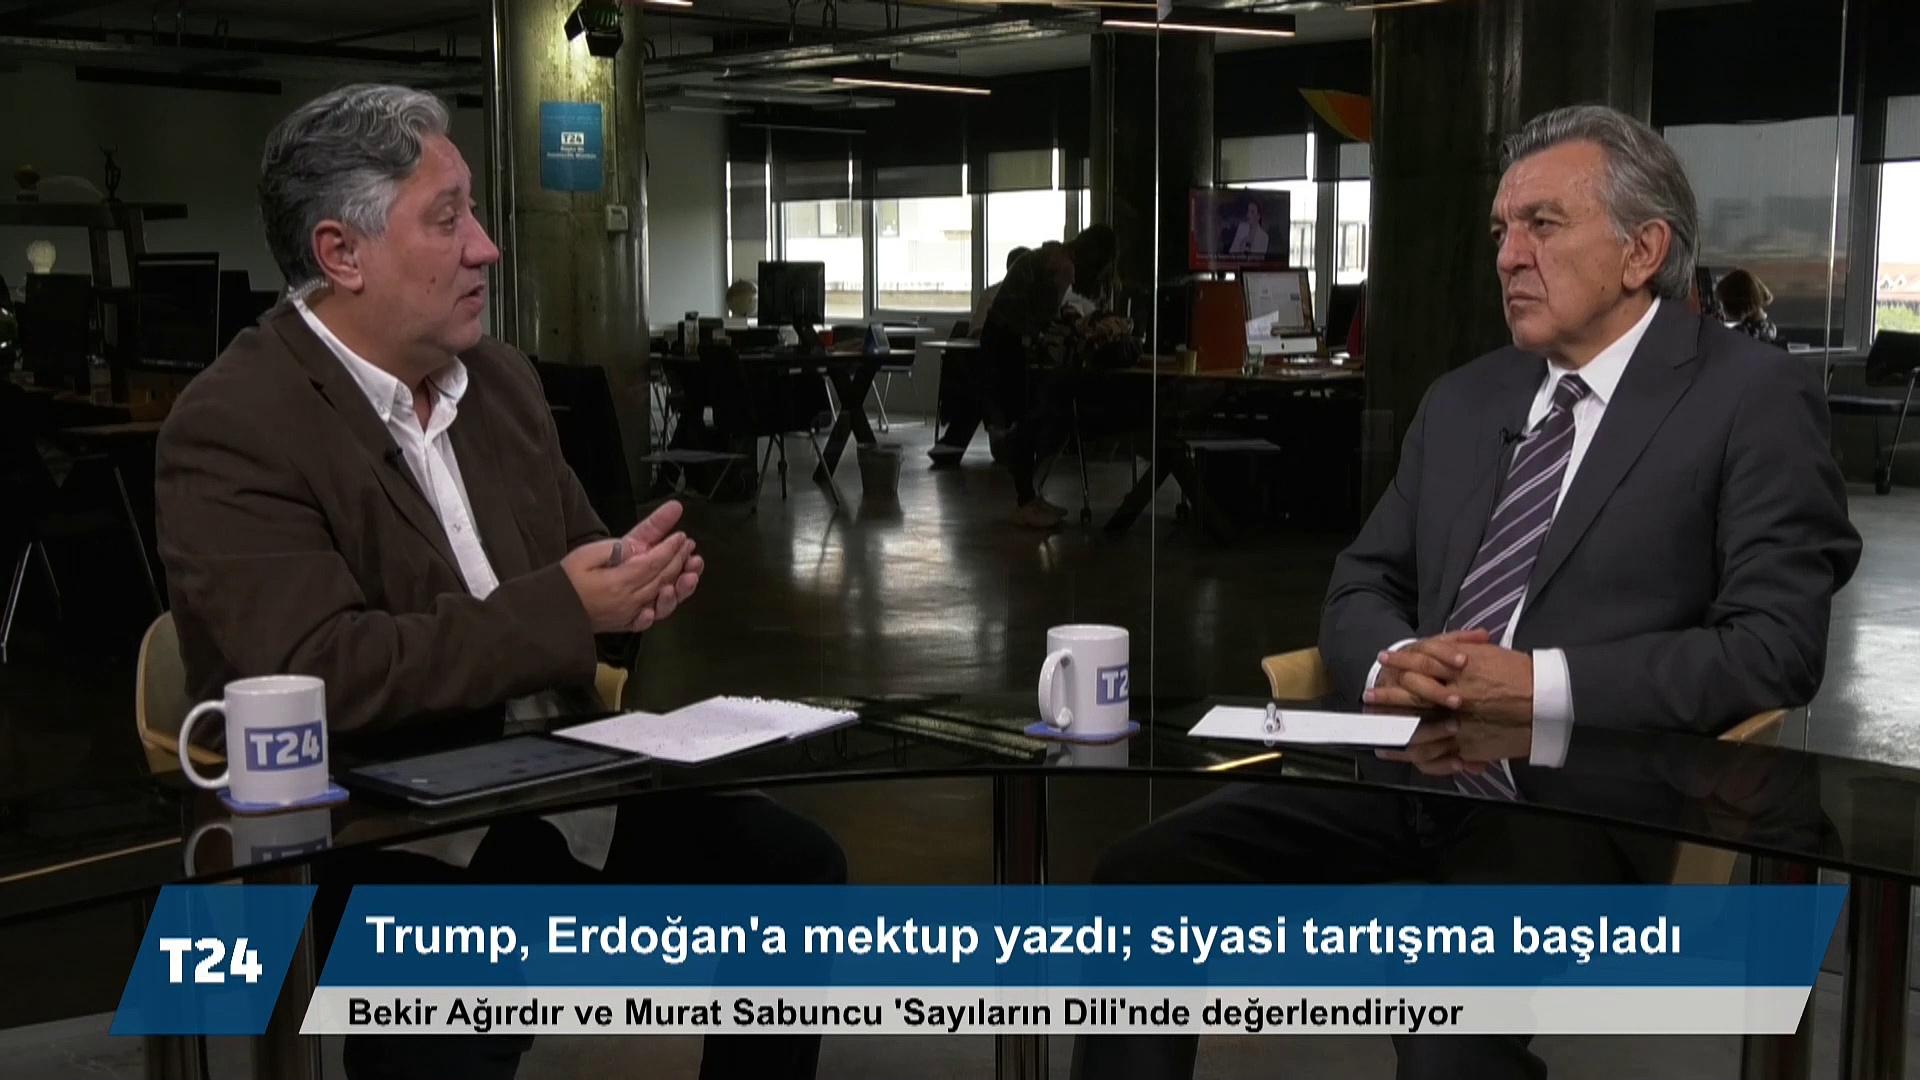 Bekir Ağırdır: Trump'ın Erdoğan'a mektubu lümpen, popülist bir siyasi anlayışın zirvesi